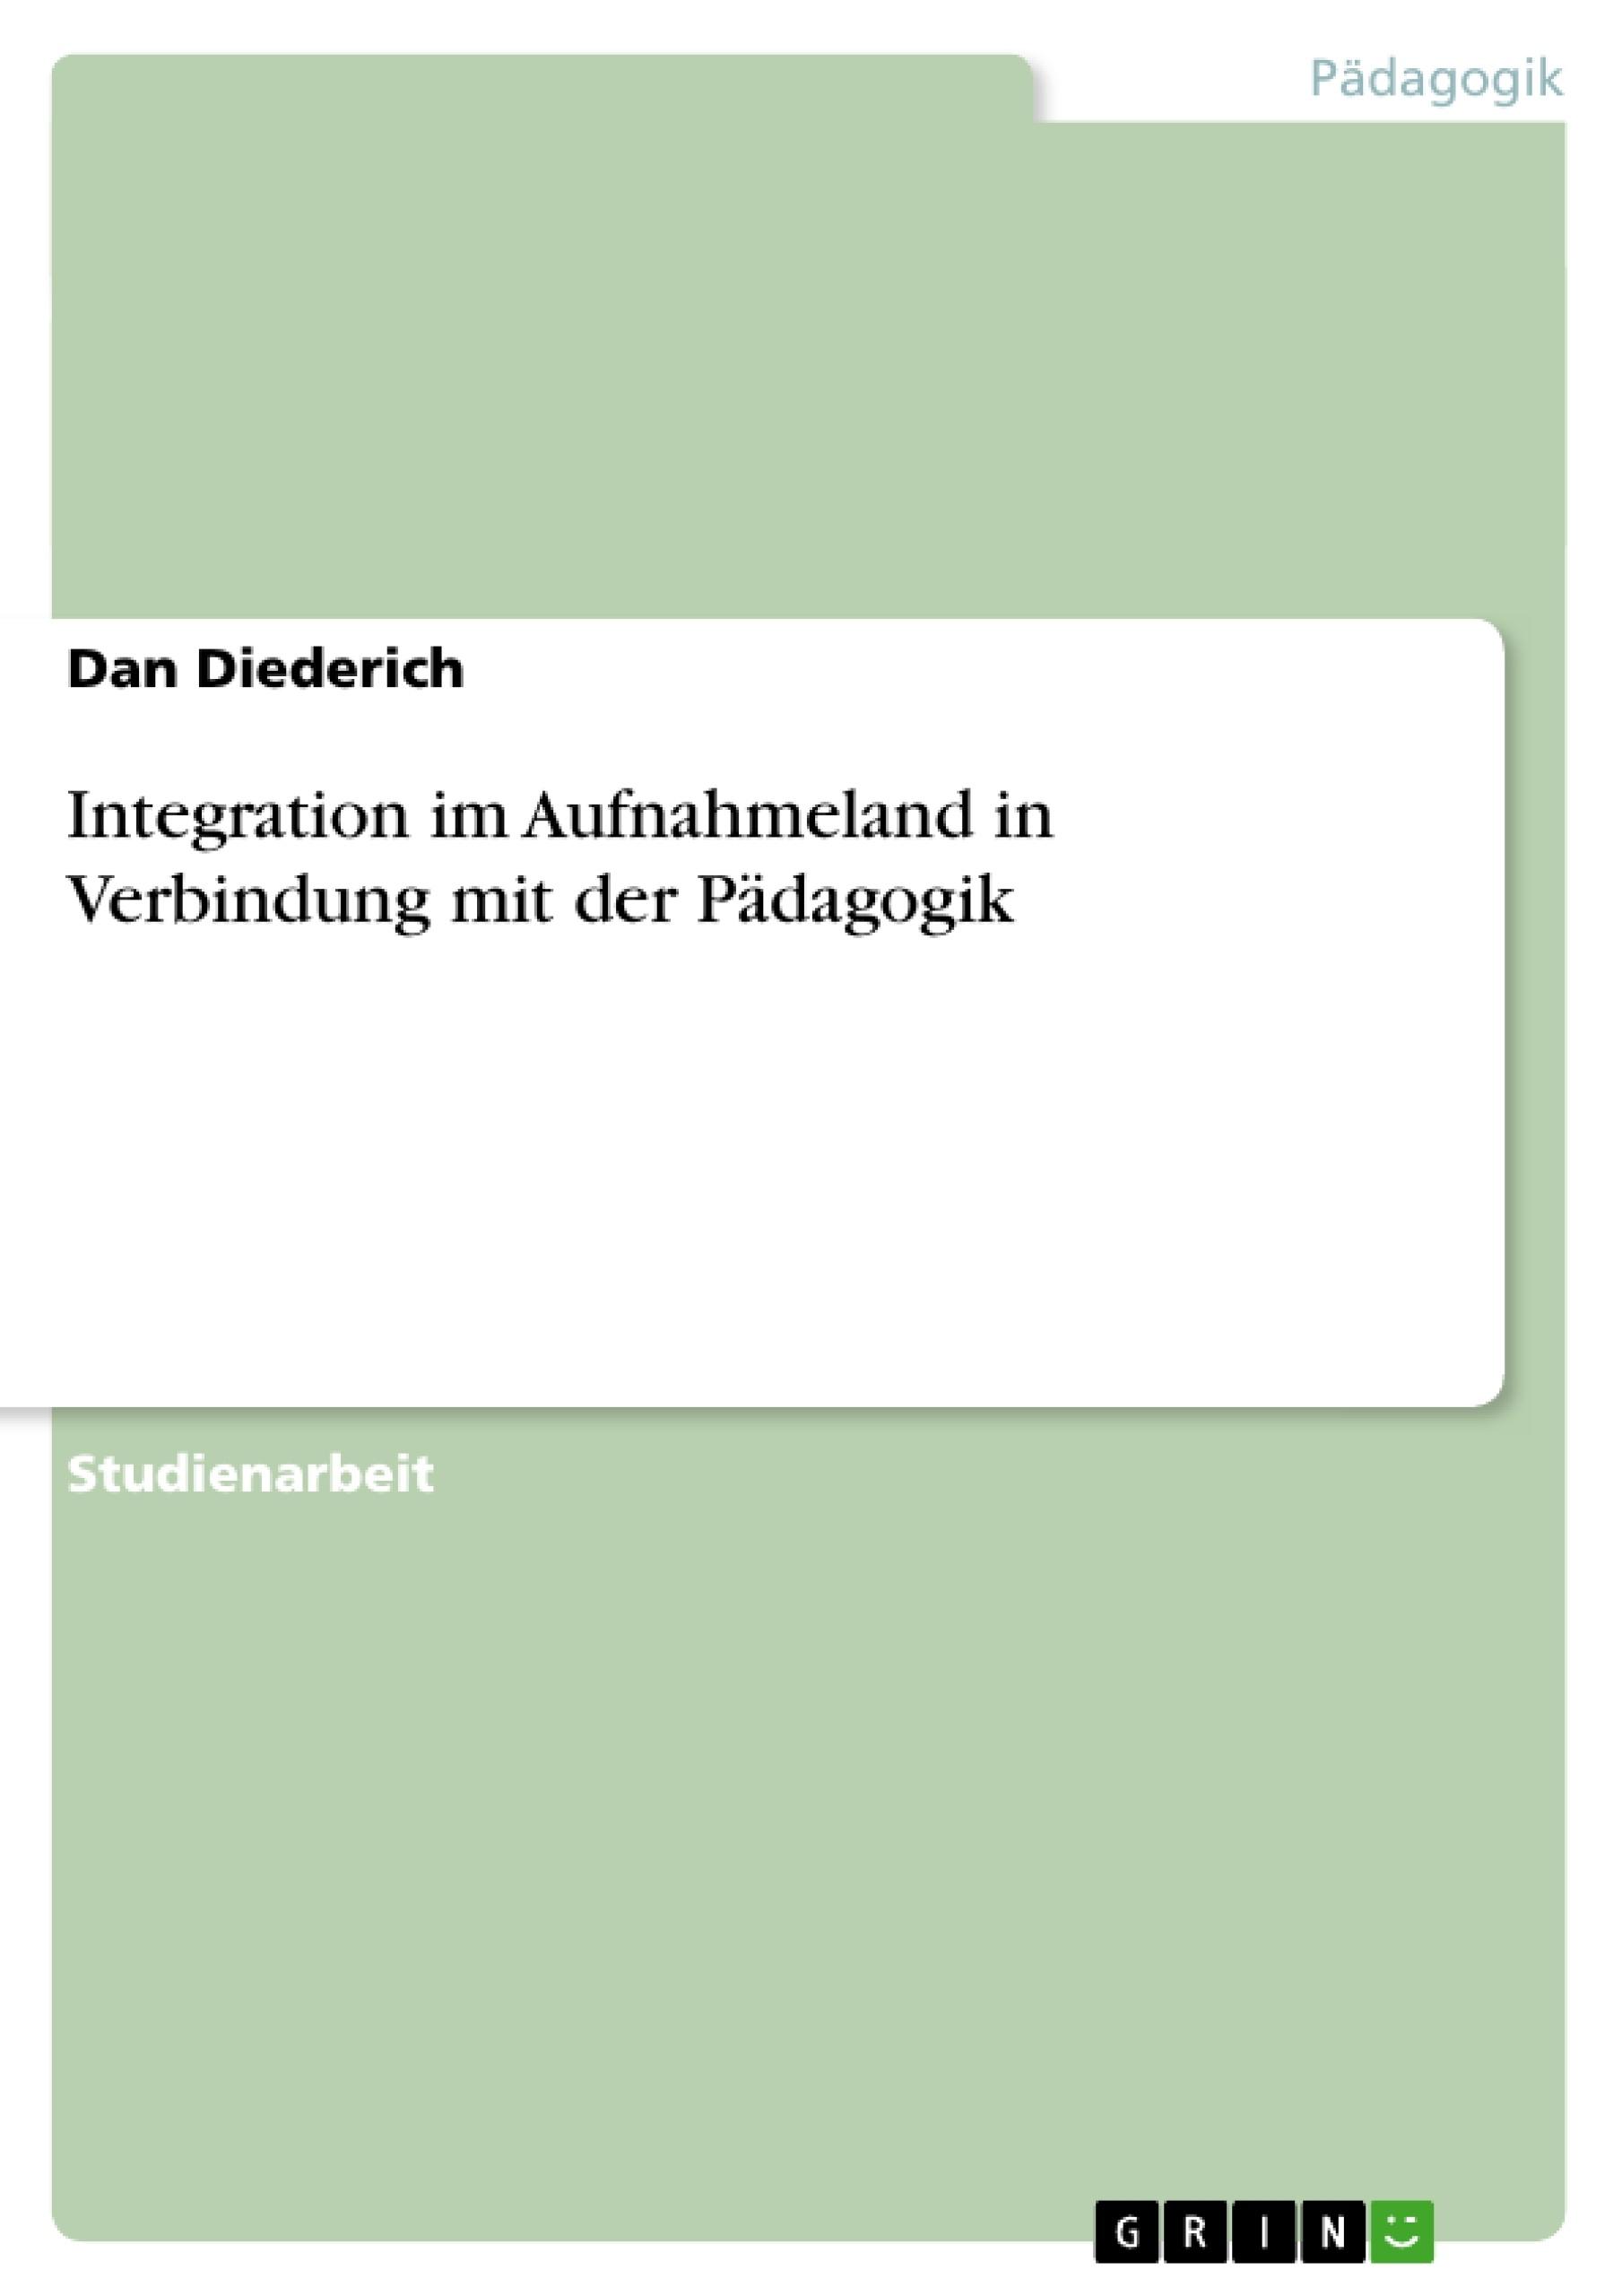 Titel: Integration im Aufnahmeland in Verbindung mit der Pädagogik